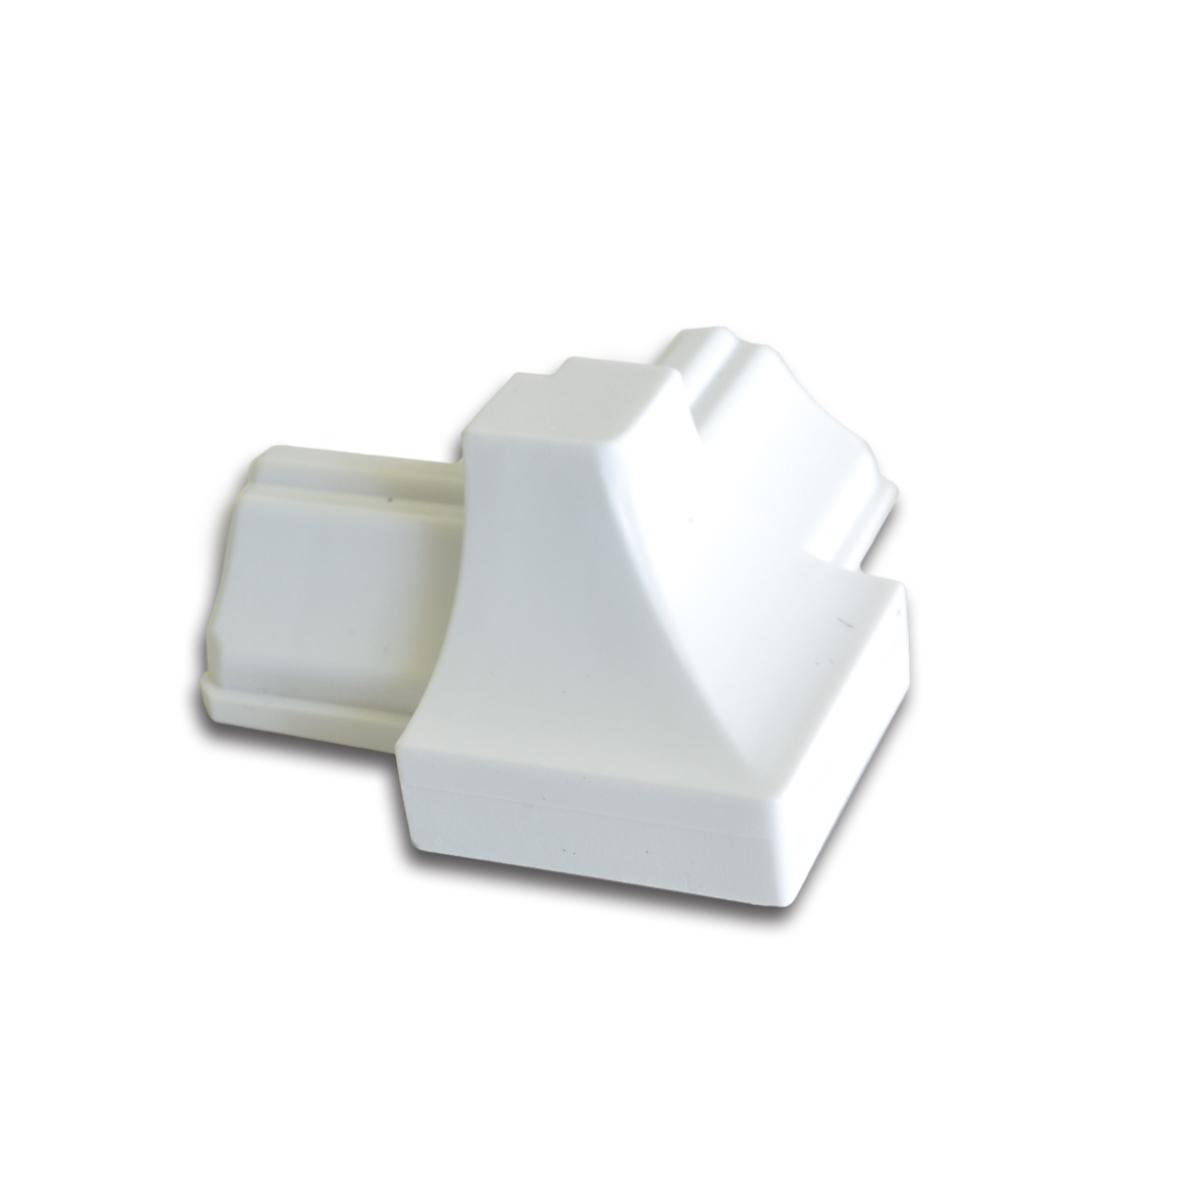 Giunti Accessori Coflex CRE Profilitec